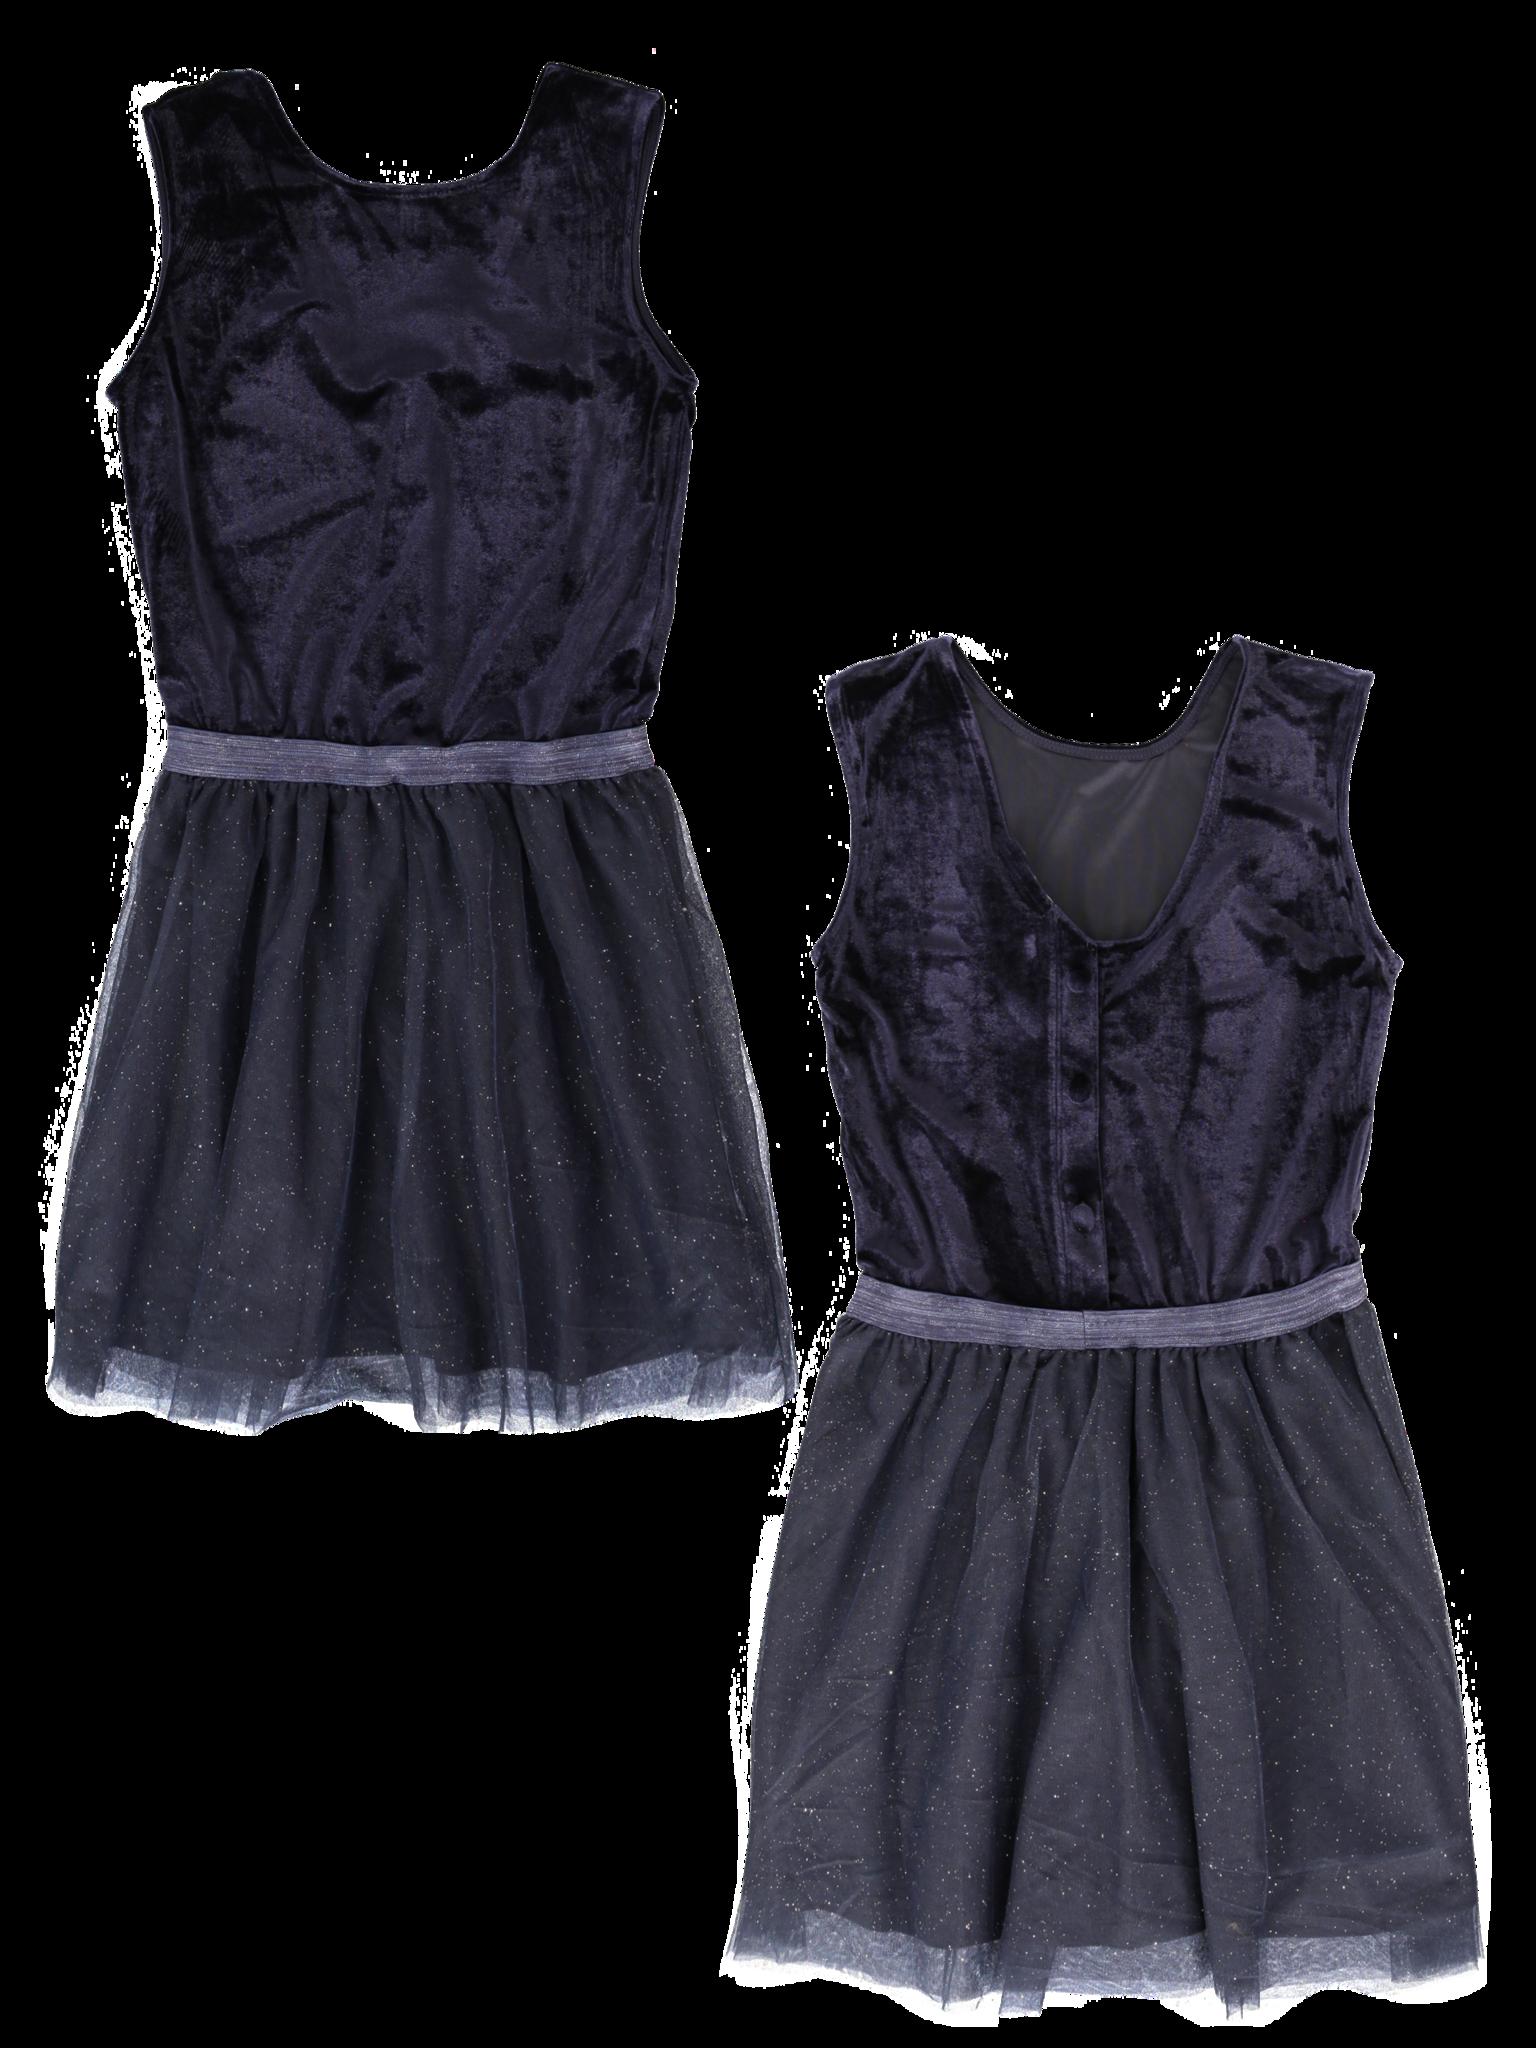 All Brands | Winterproducts Teen Girls | Dress | 10 pcs/box